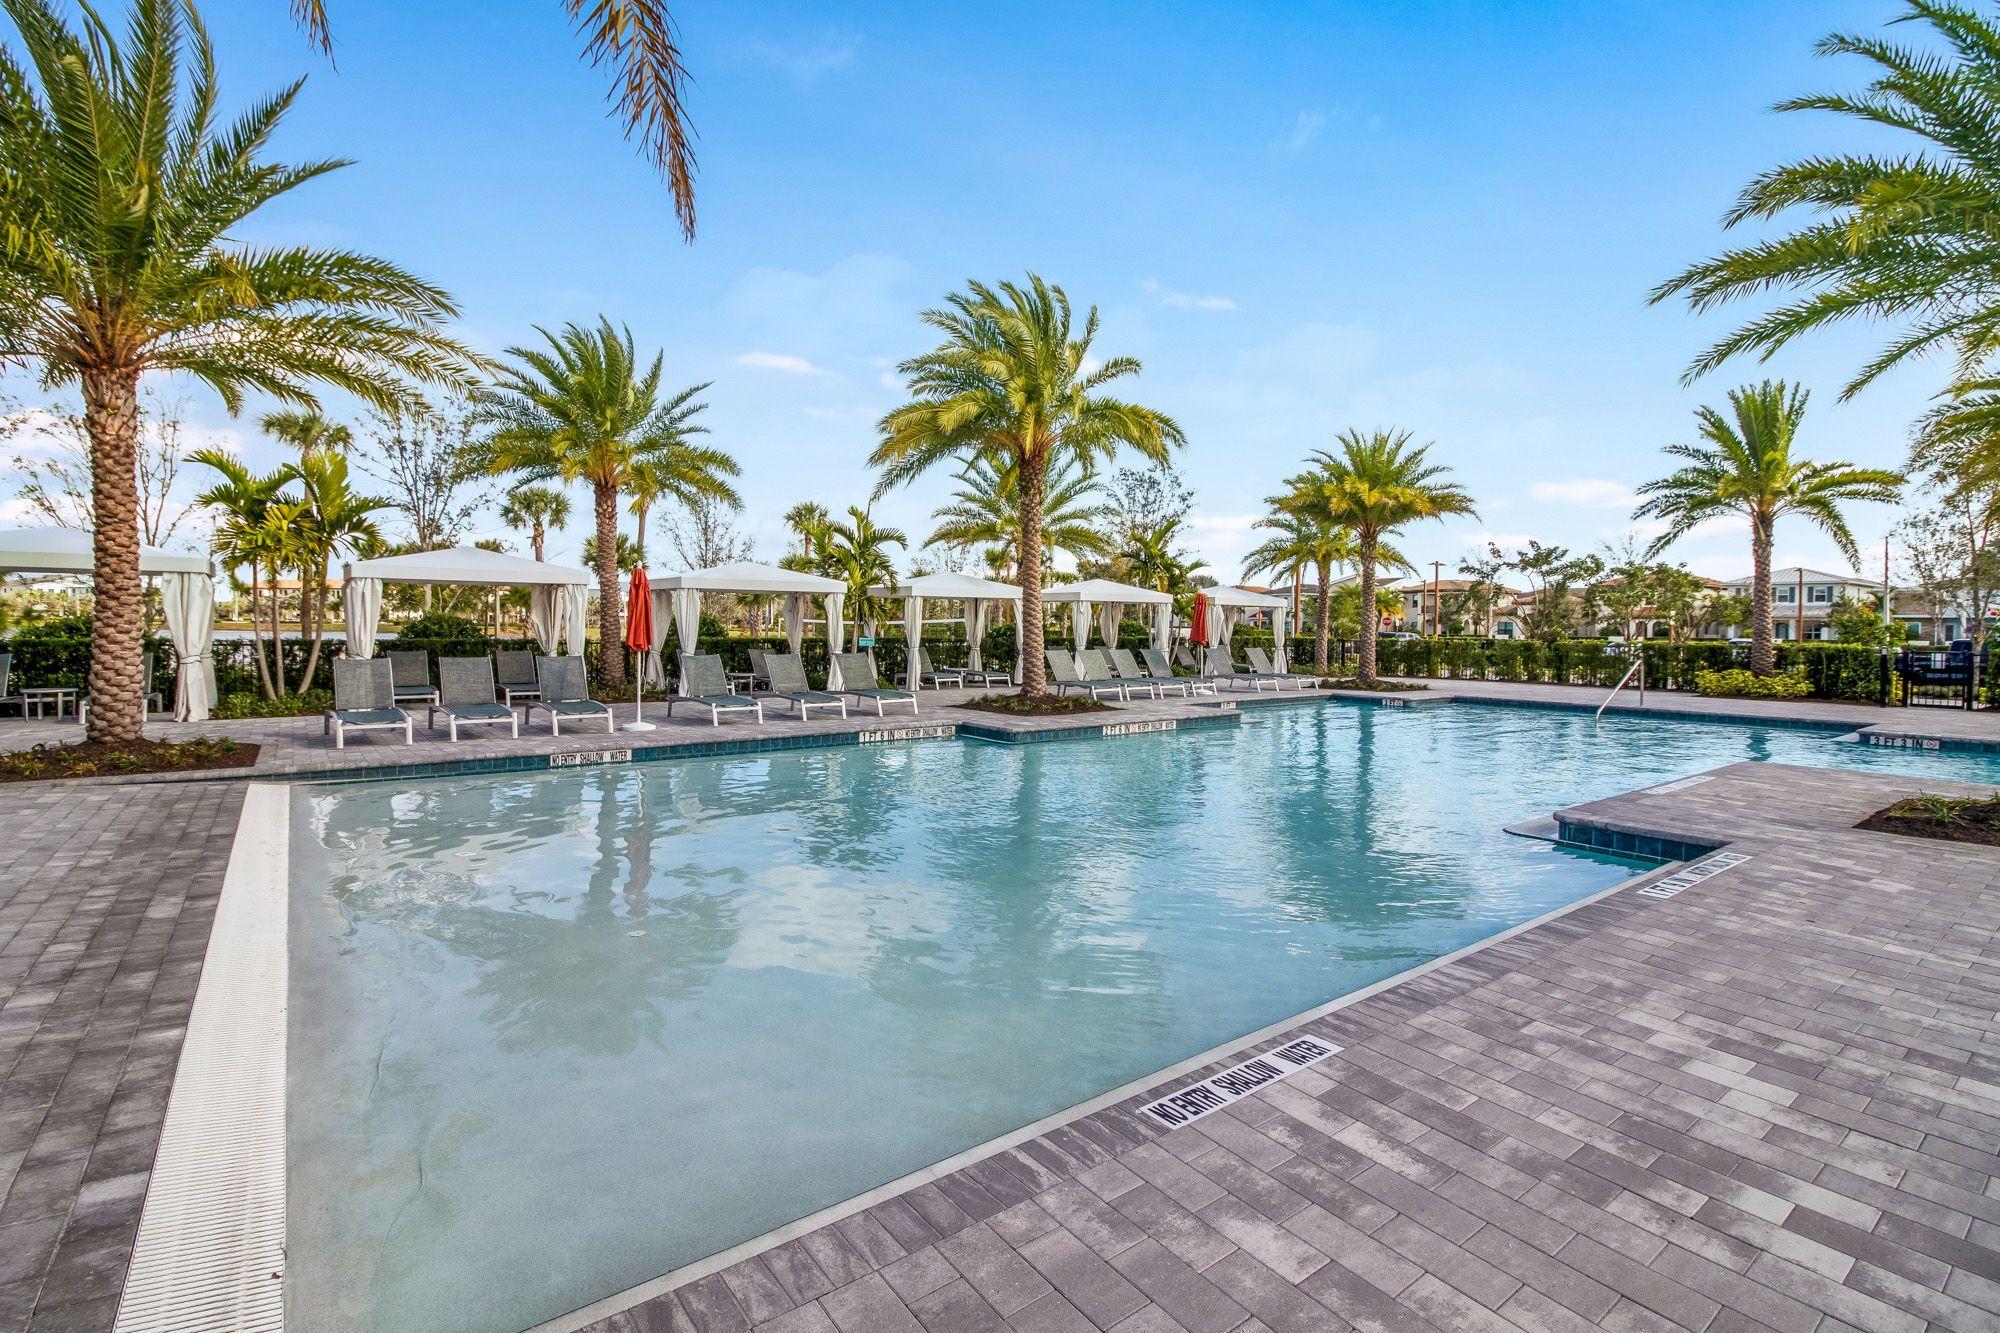 4862fb9499a5161493dfca1372d6d58c - Your Life Palm Beach Gardens Florida